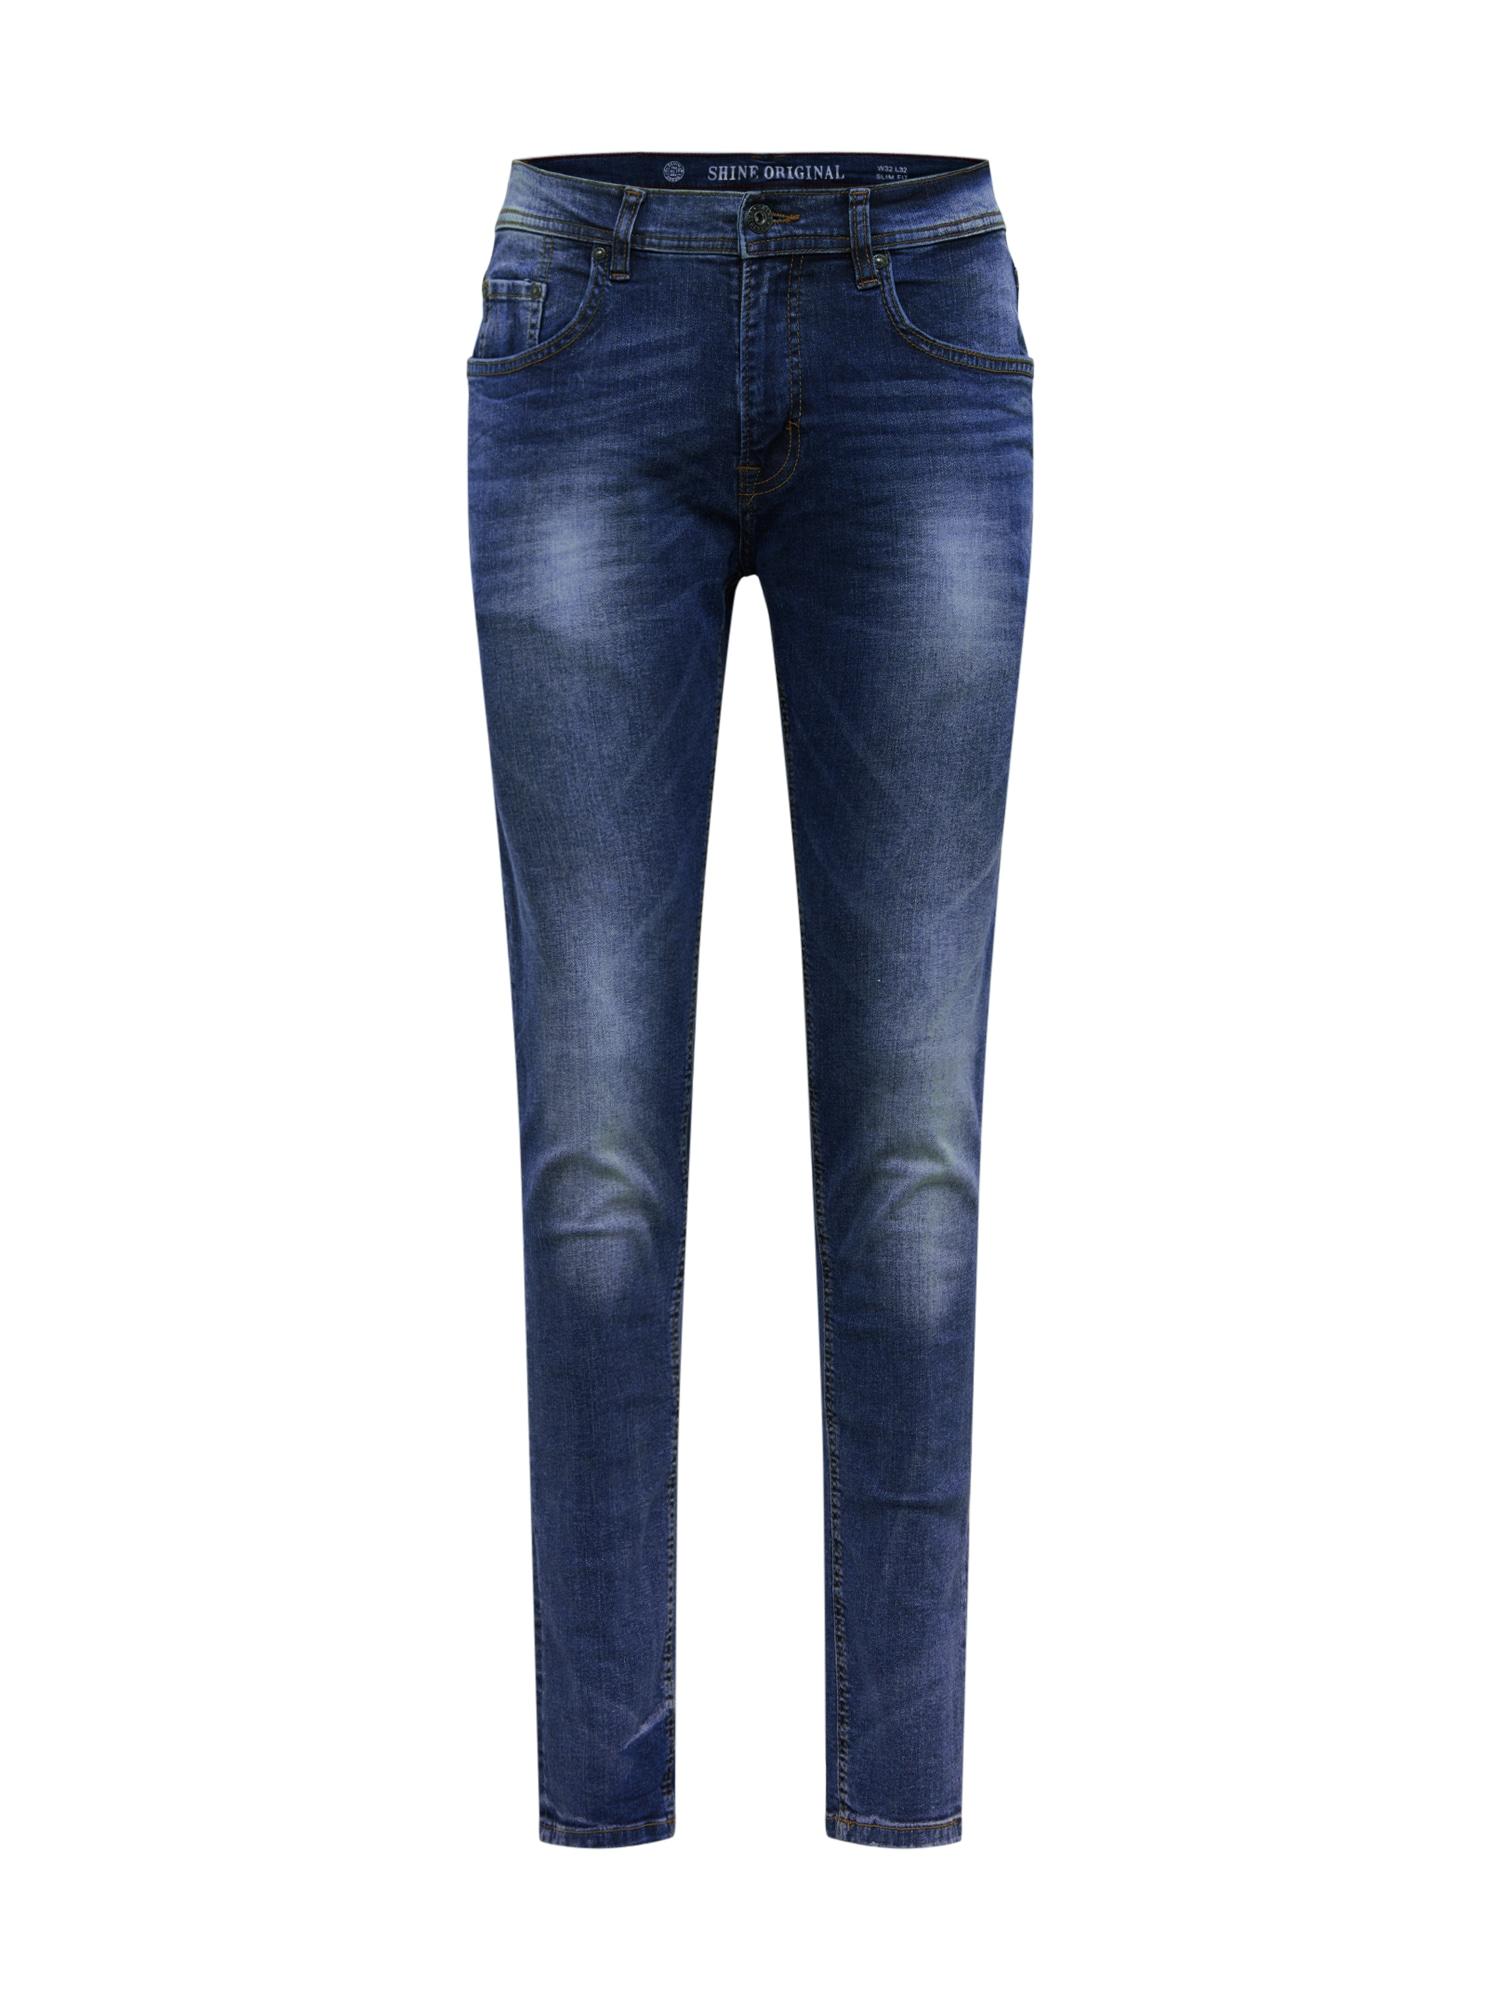 SHINE ORIGINAL Džinsai tamsiai (džinso) mėlyna